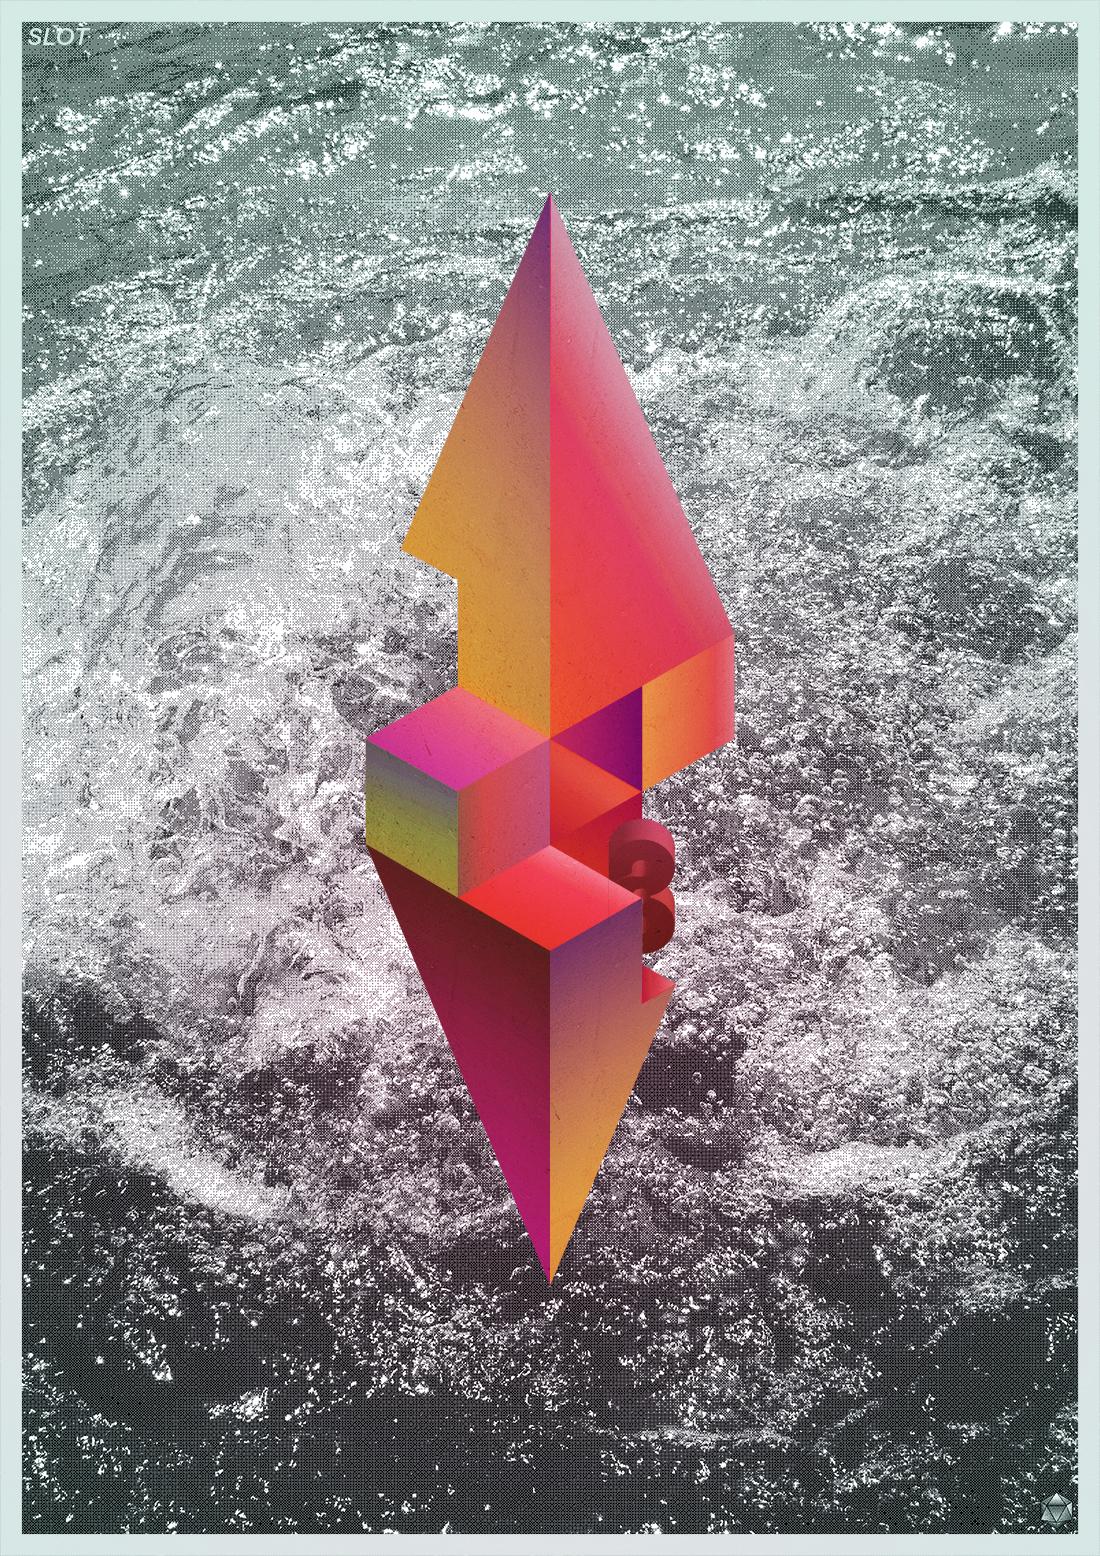 Graphistes-World : nouveau site et exhibition d'art digital